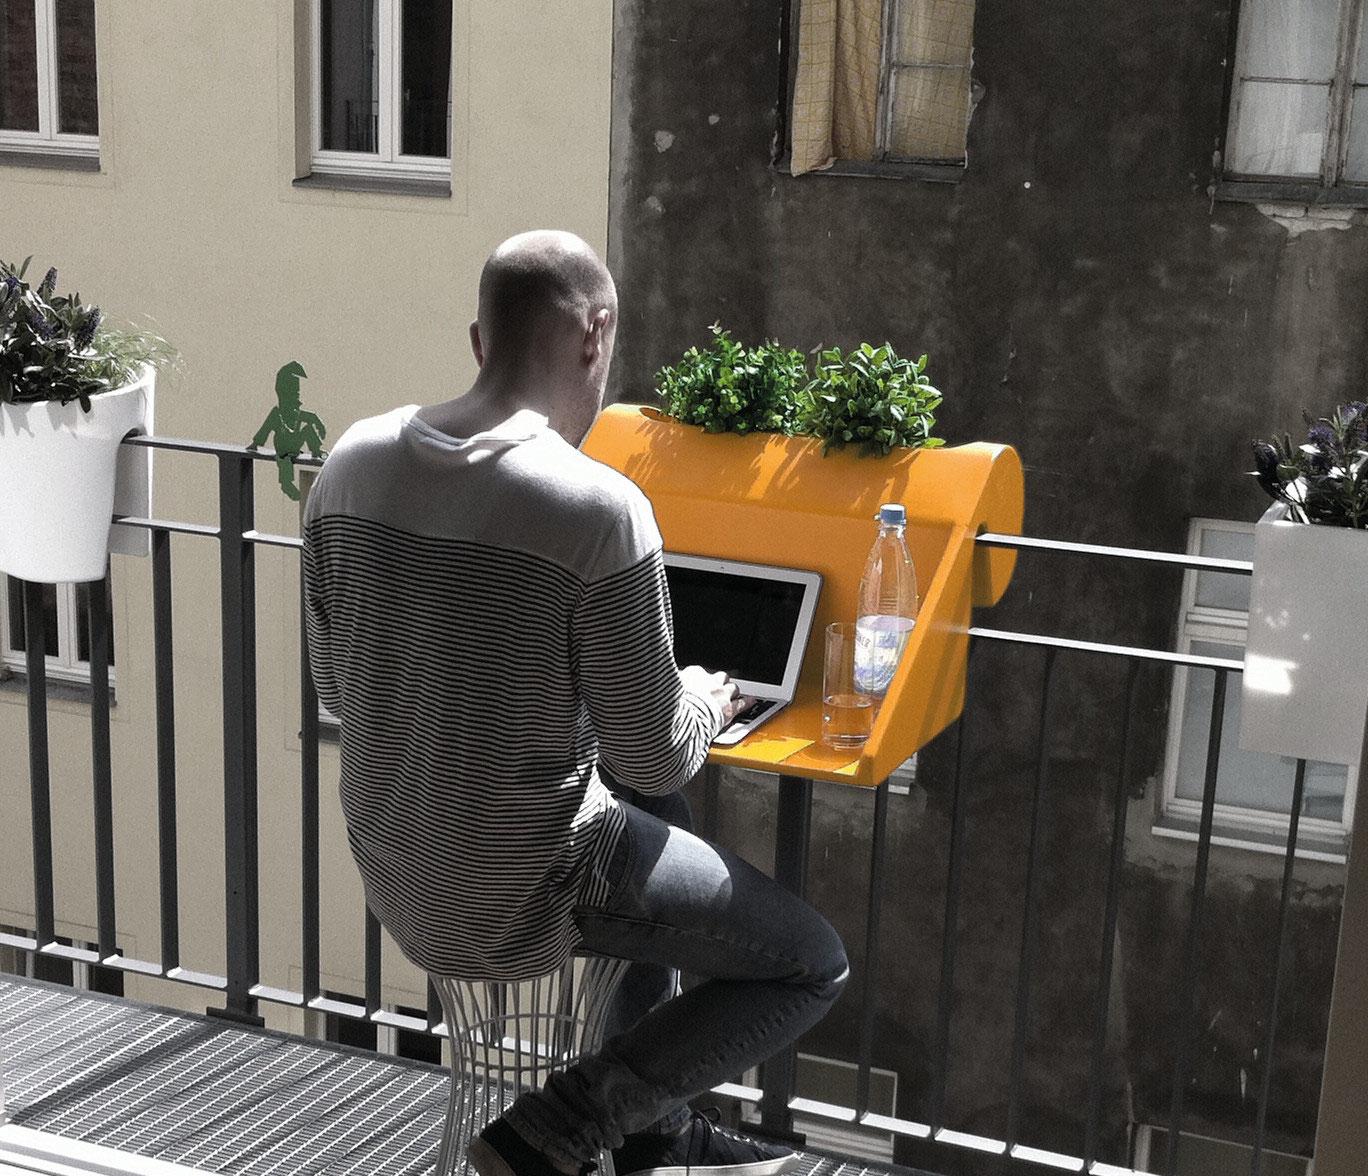 balkonzept: geländertisch für den kleinen balkon - design für den